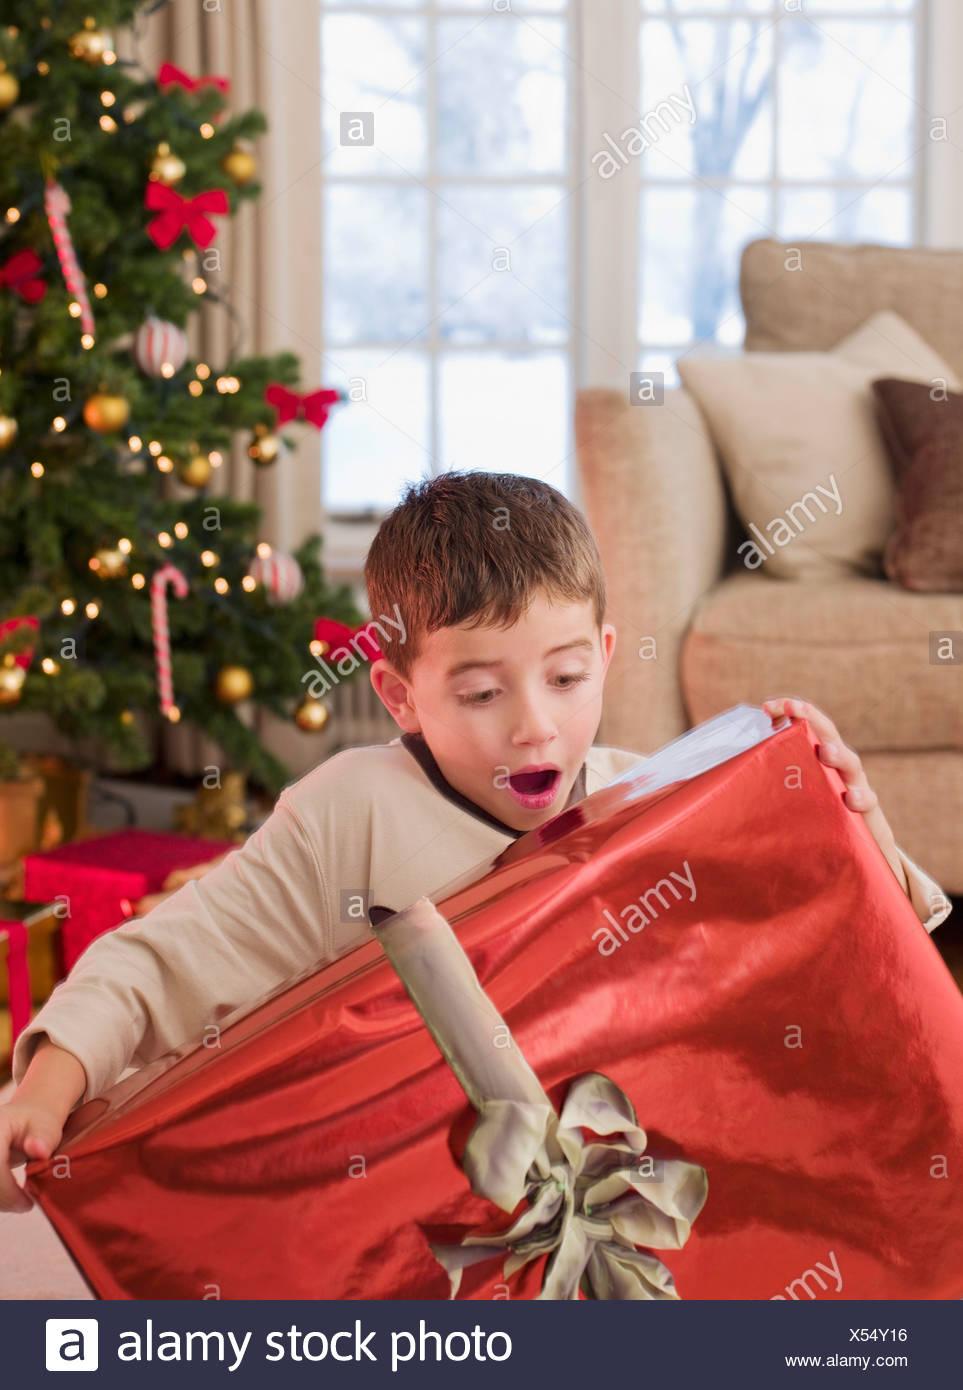 Überrascht junge hält Weihnachtsgeschenk Stockfoto, Bild: 278548178 ...